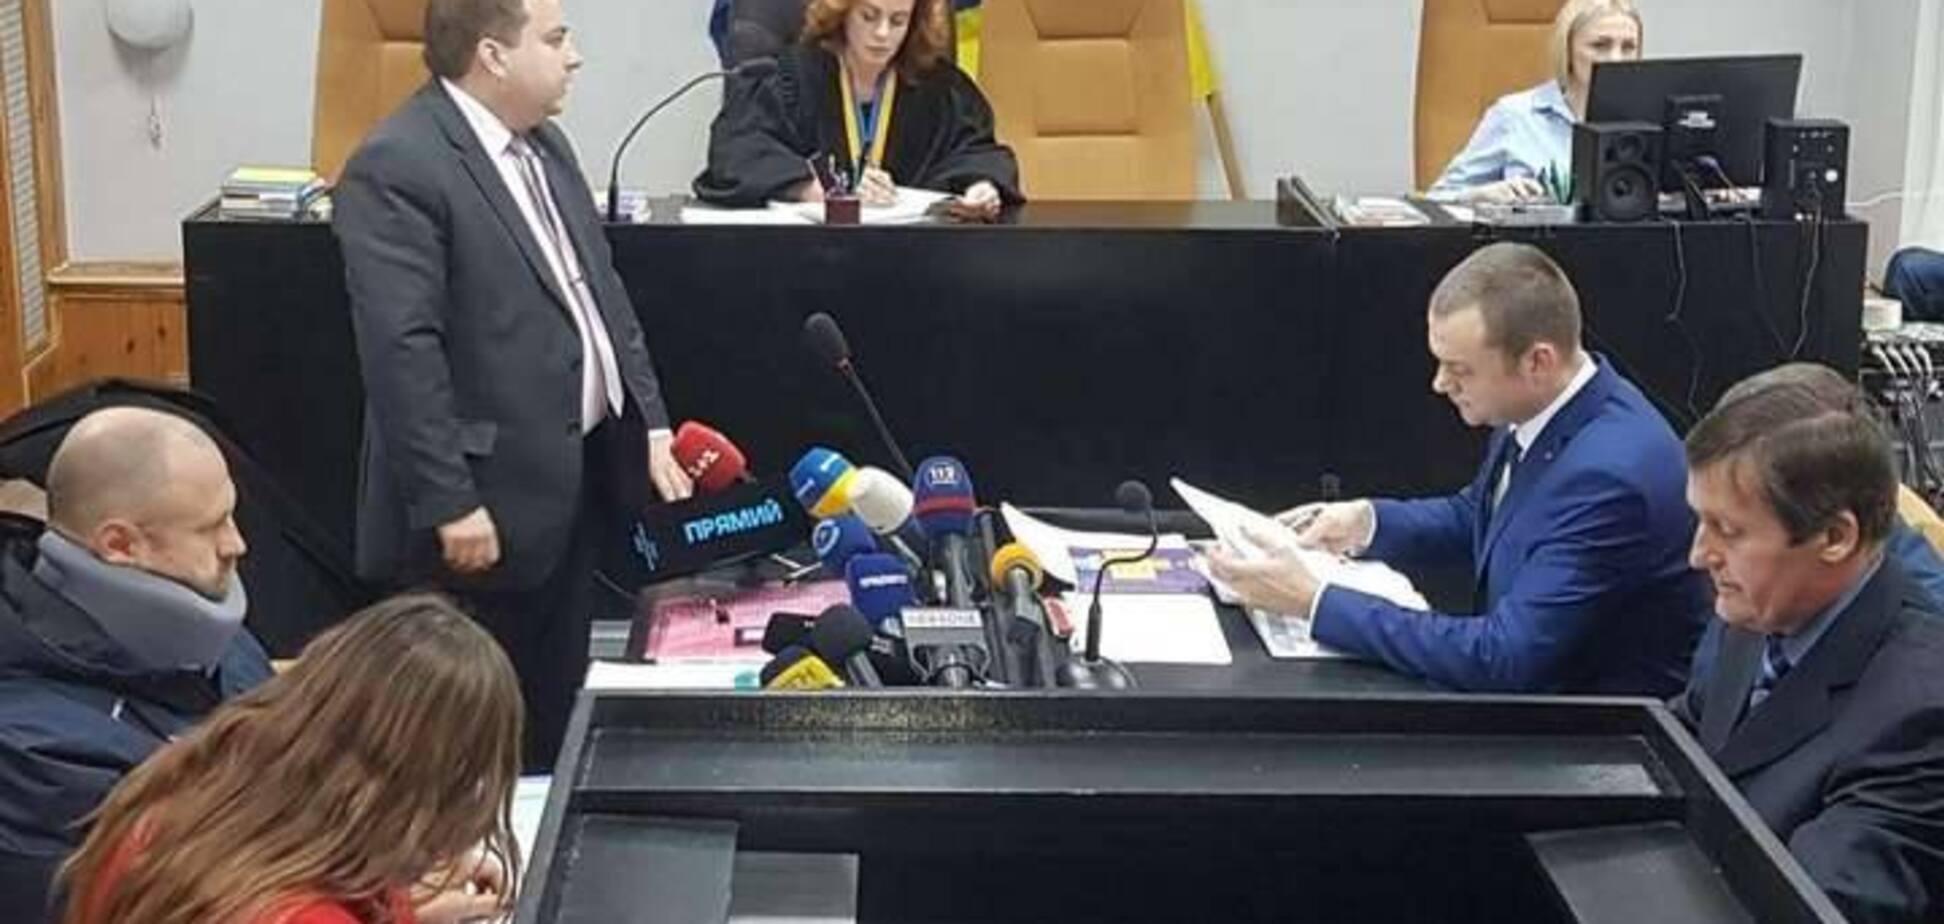 Страшна ДТП у Харкові: суд над винуватцями може затягнутися на роки